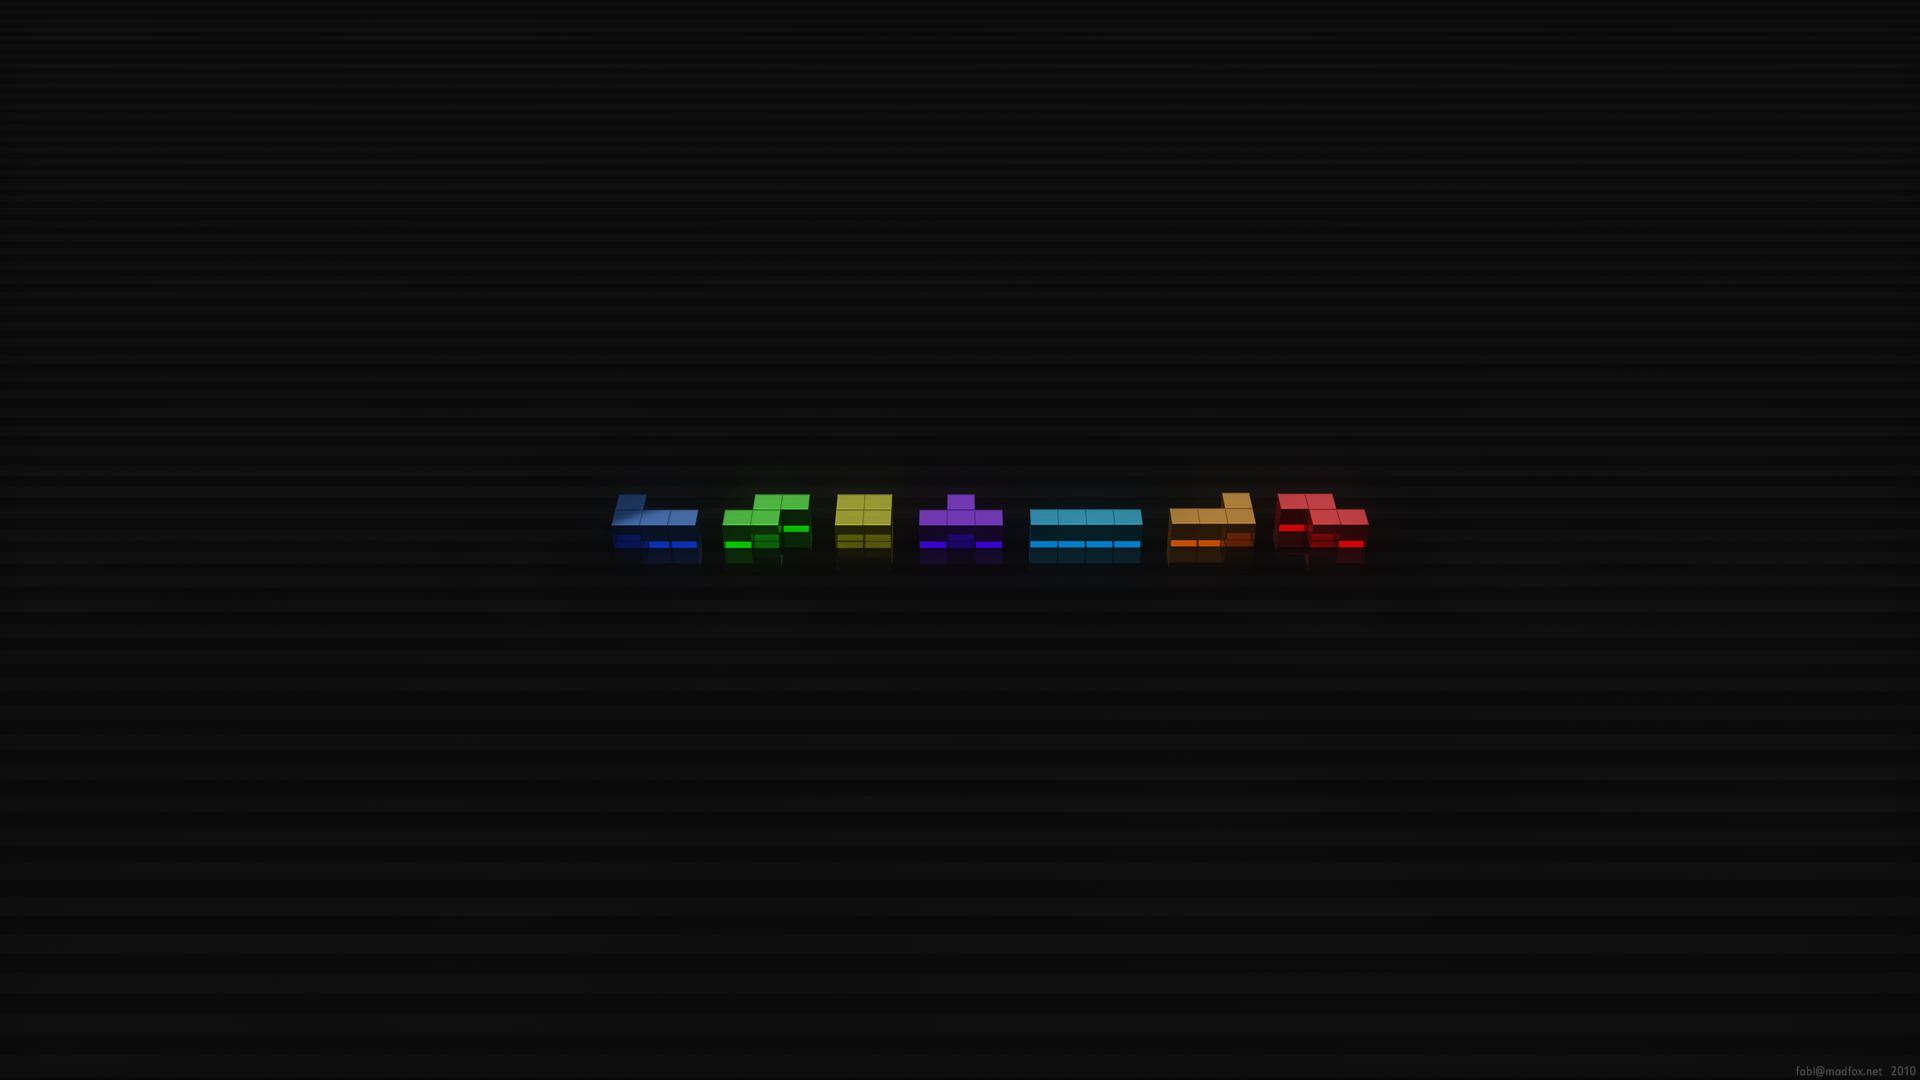 tetris 3d v2 wallpaper by fabifox on deviantart